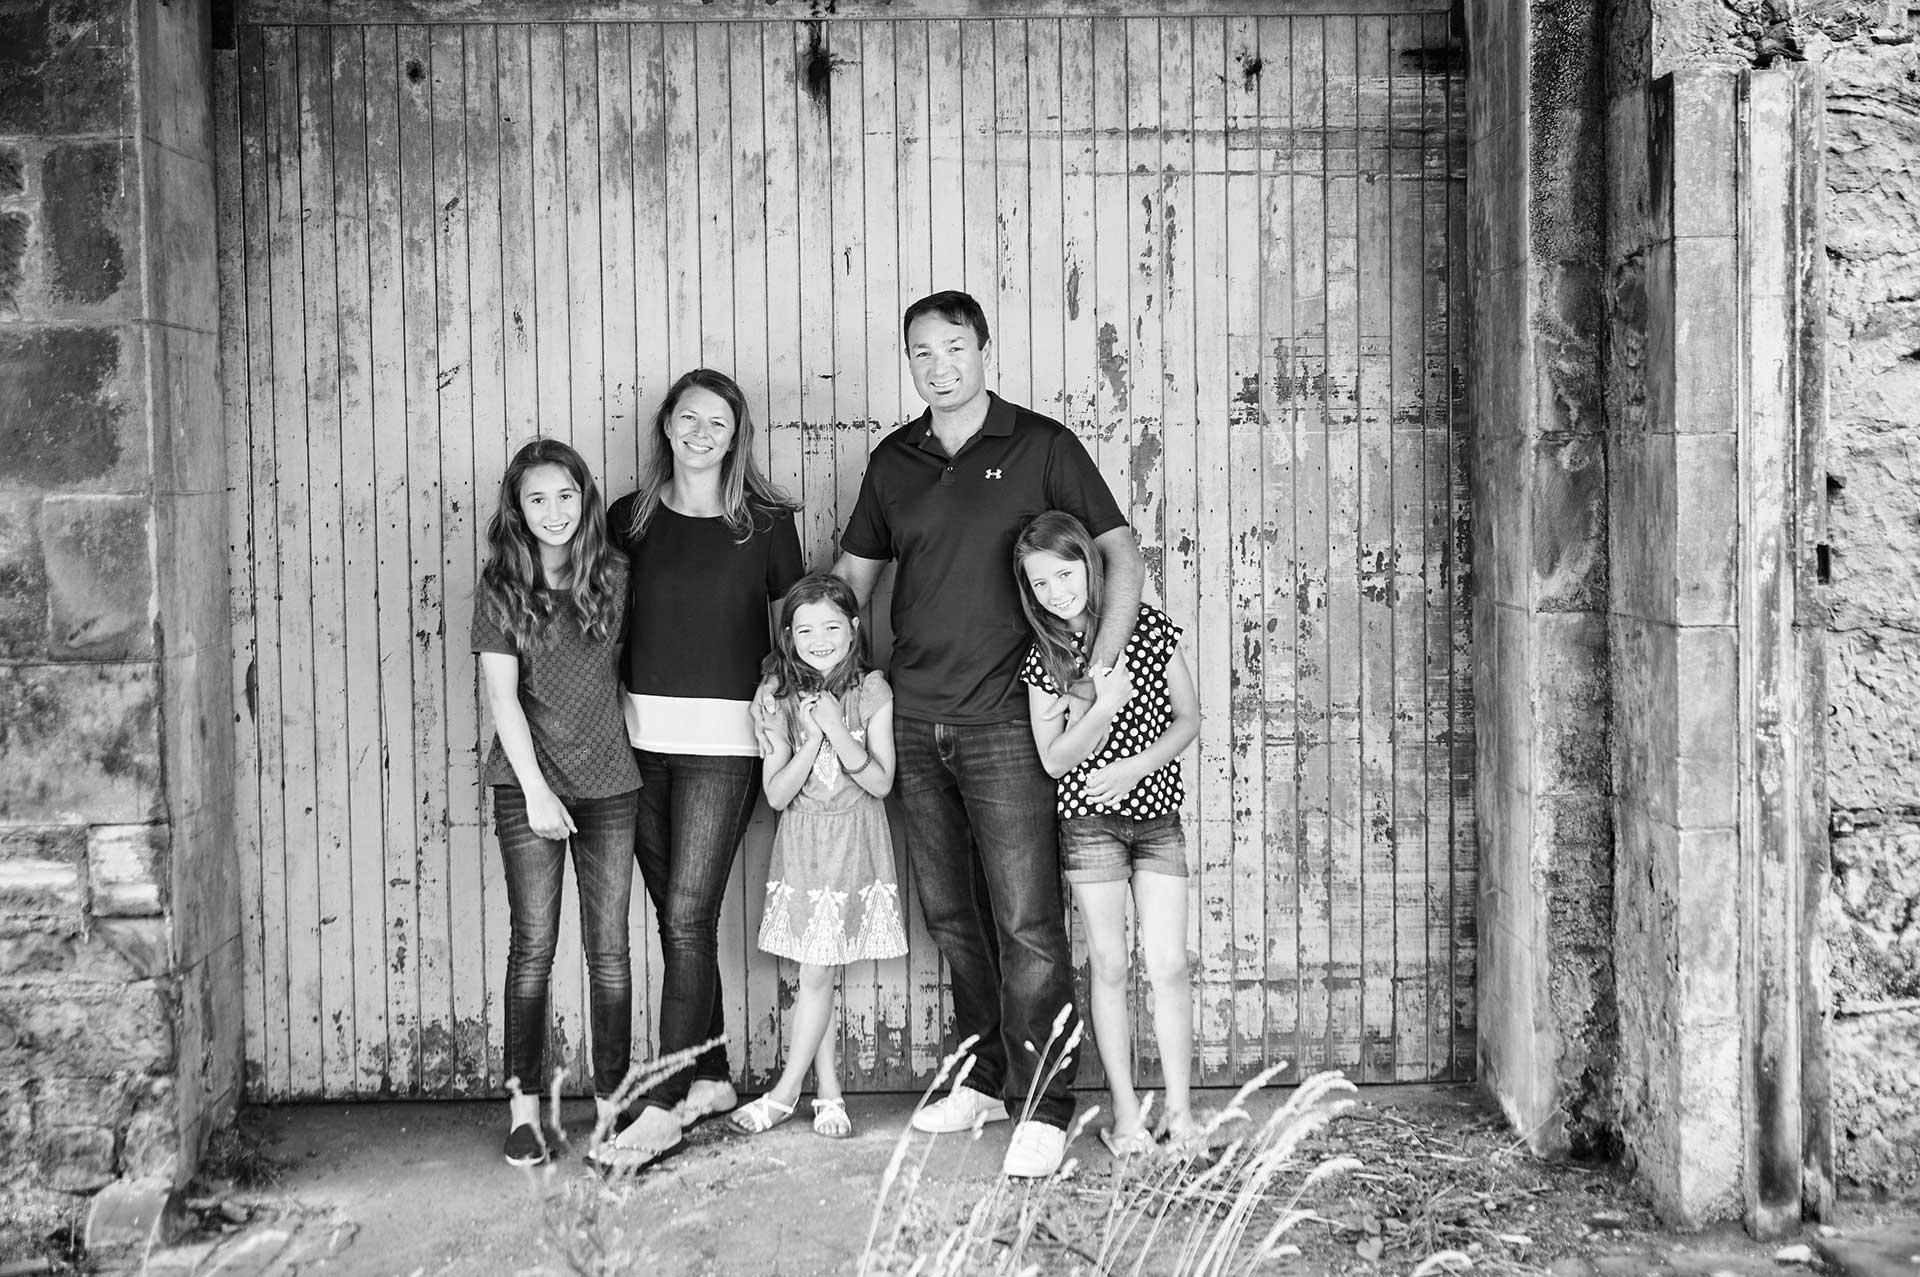 scottishfamilyphotographer03